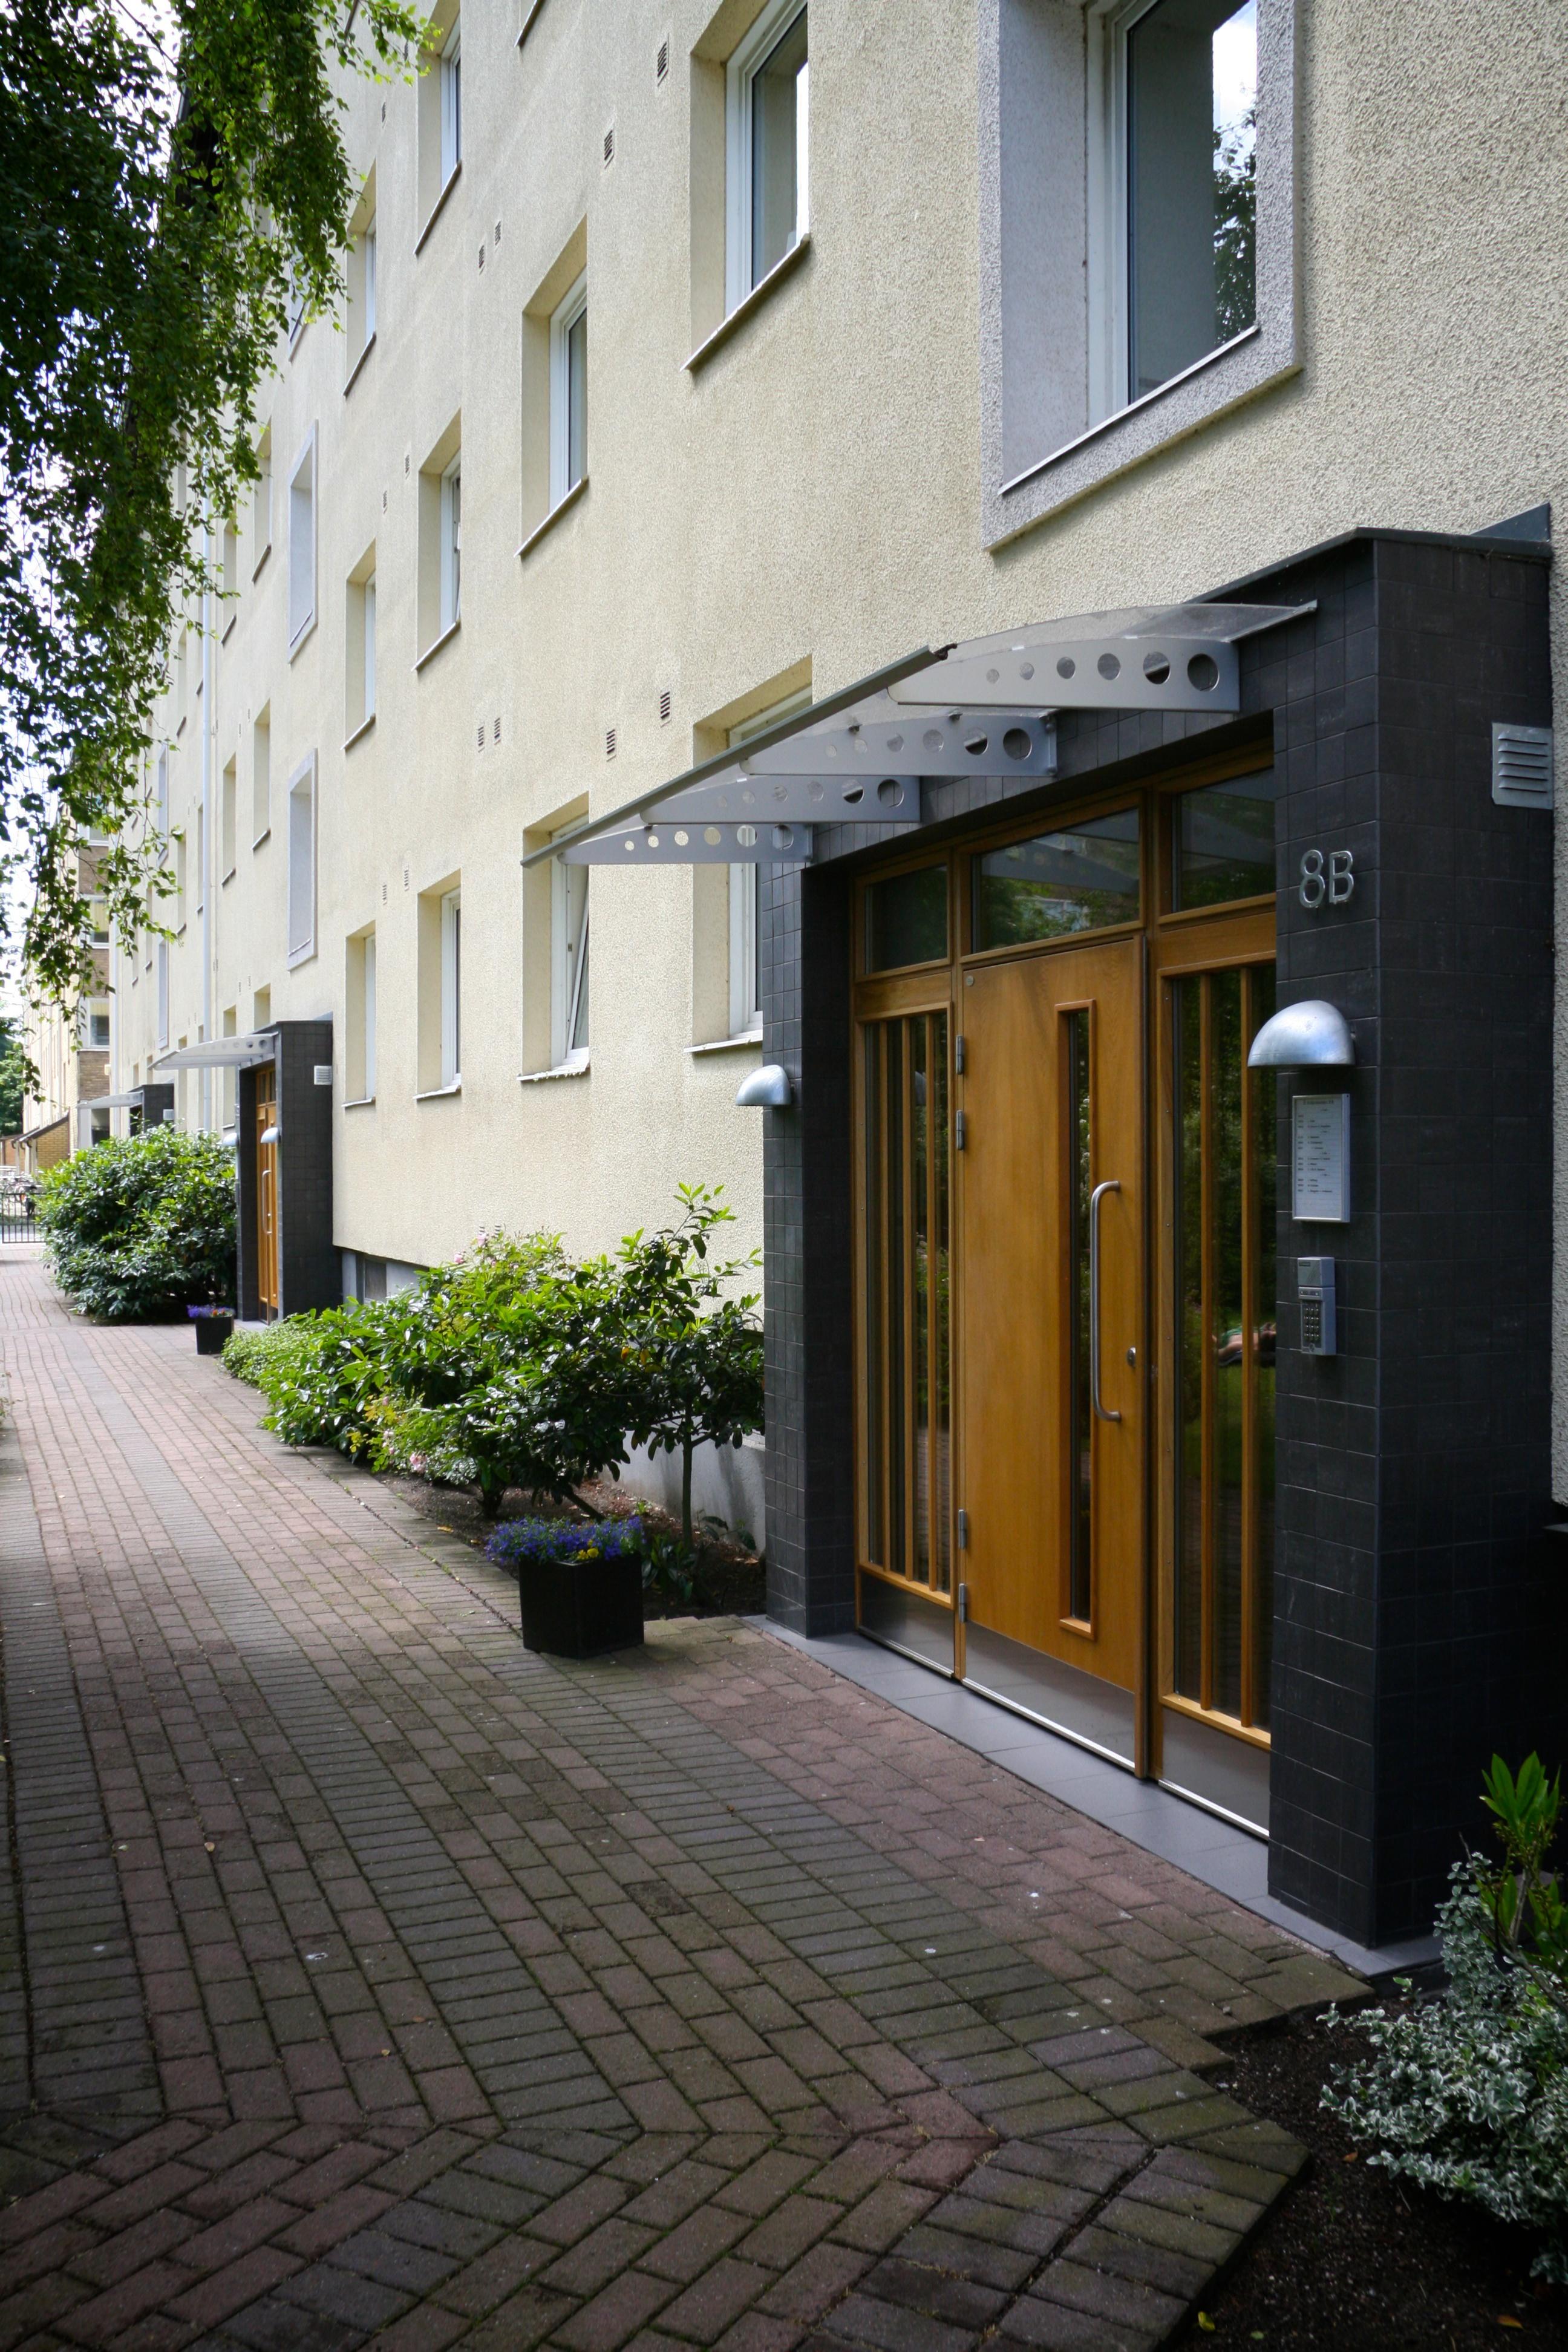 Porten in till Fågelbacksgatan 27 B